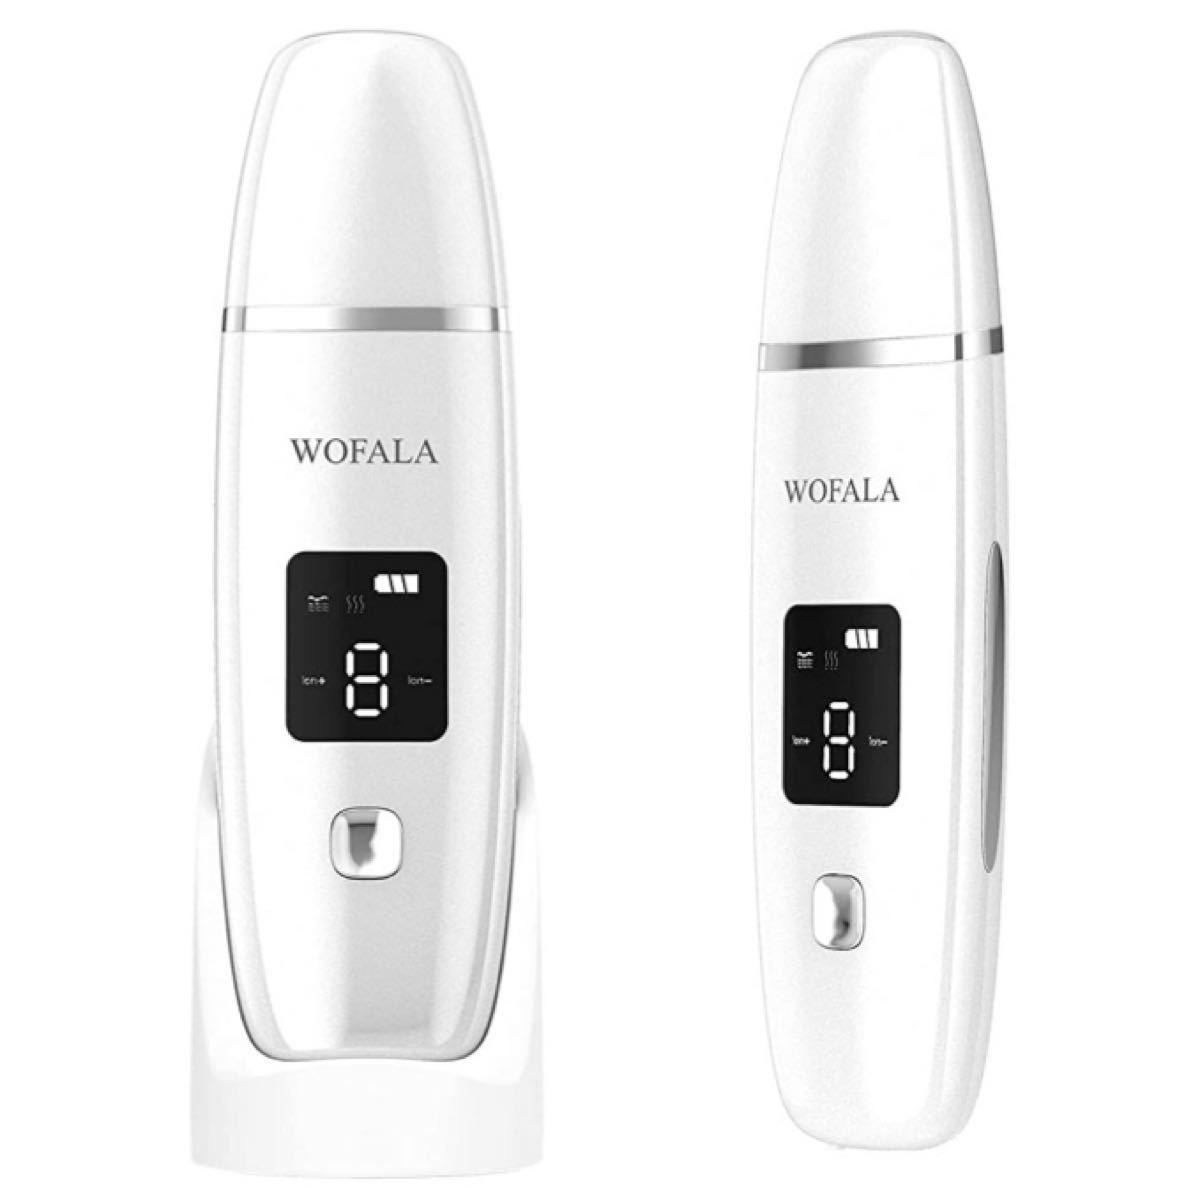 ウォーターピーリング 超音波ピーリング美顔器 超音波振動 EMS微電流 イオン導入導出 毛穴クリーナー USB充電+充電スタンド